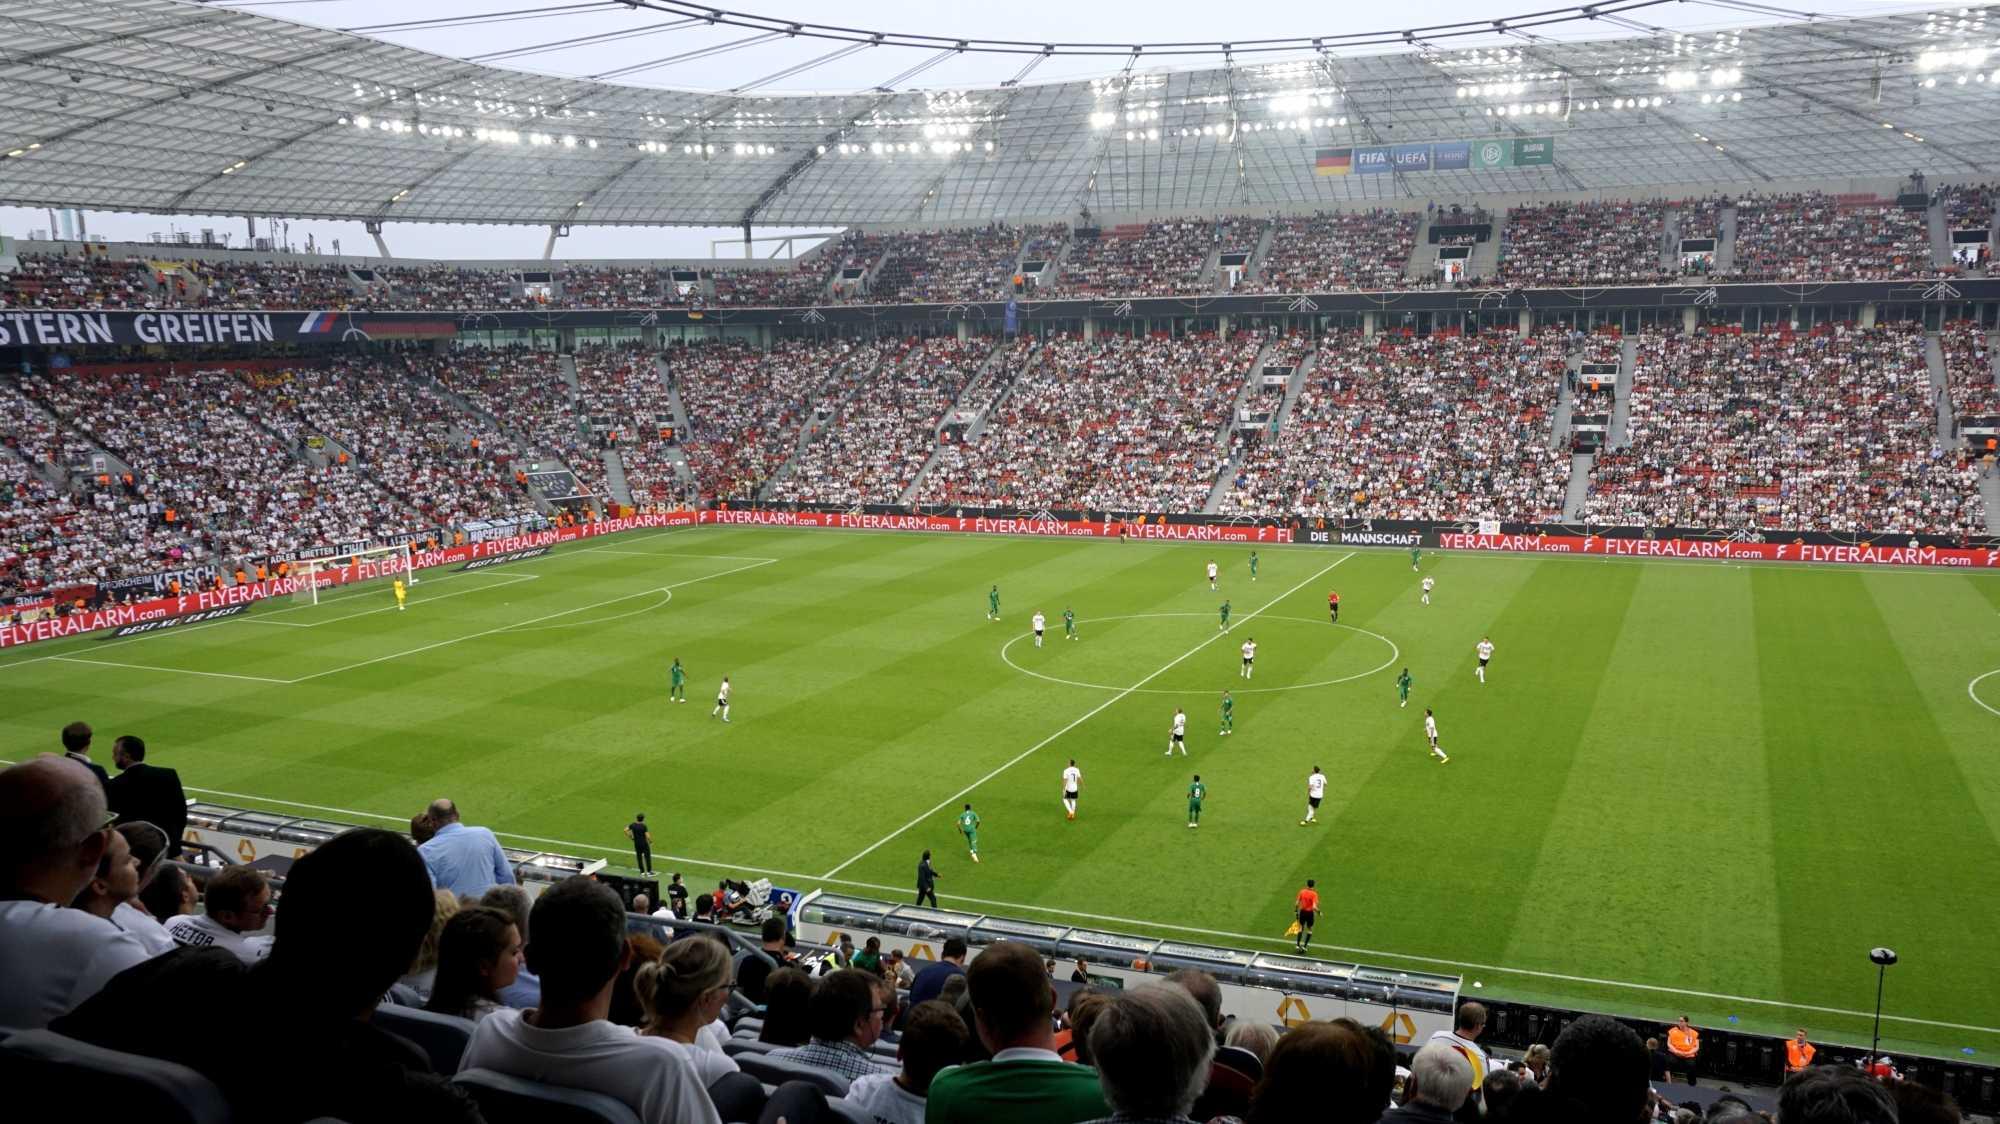 Die Fußball-WM hat durch das frühe Ausscheiden der Deutschen Nationalmannschaft nicht zum erhofften TV-Absatz geführt.